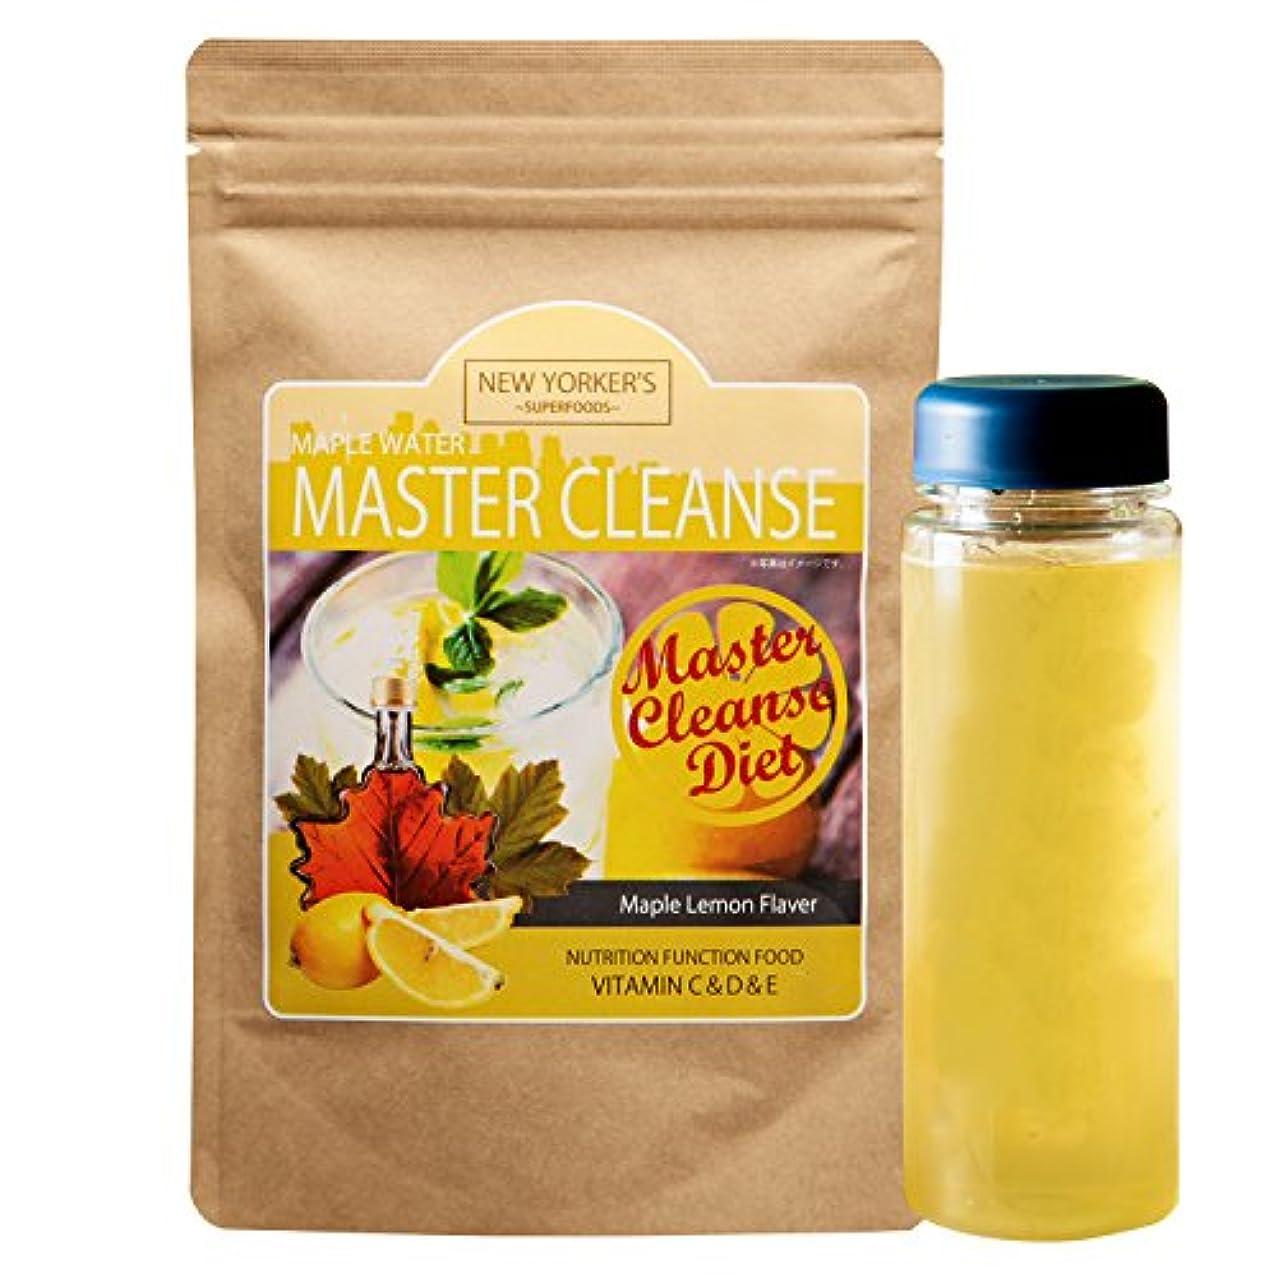 続ける肺圧倒するIDEA マスタークレンズダイエット メープルレモン味 ファスティングダイエット 5g×9包